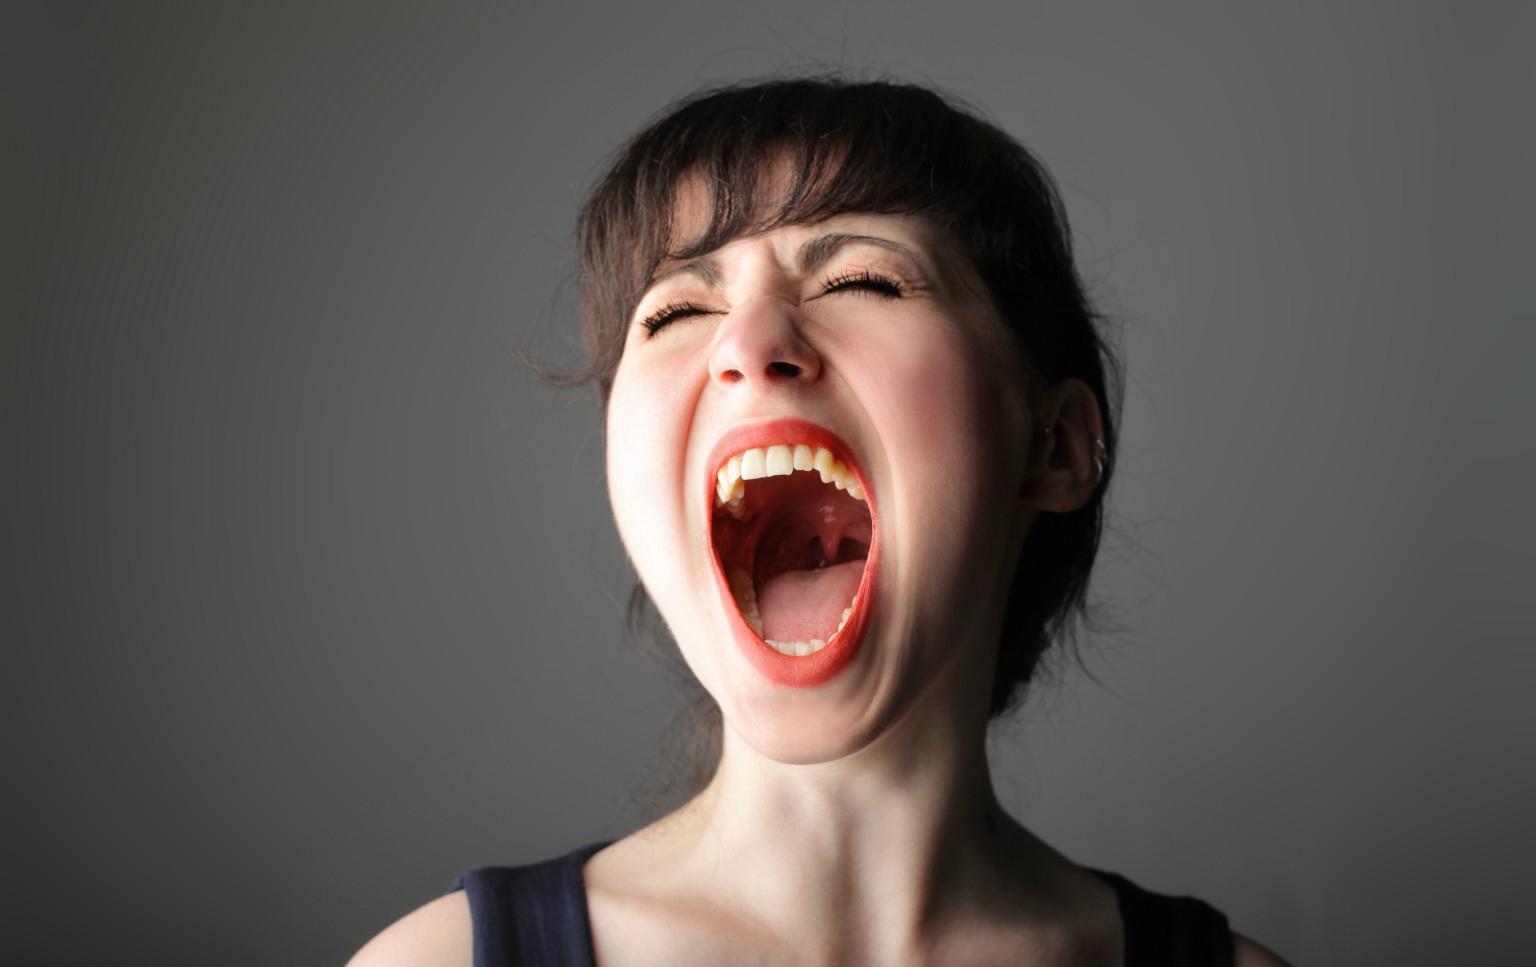 человеческие картинка широко раскрытого рта что